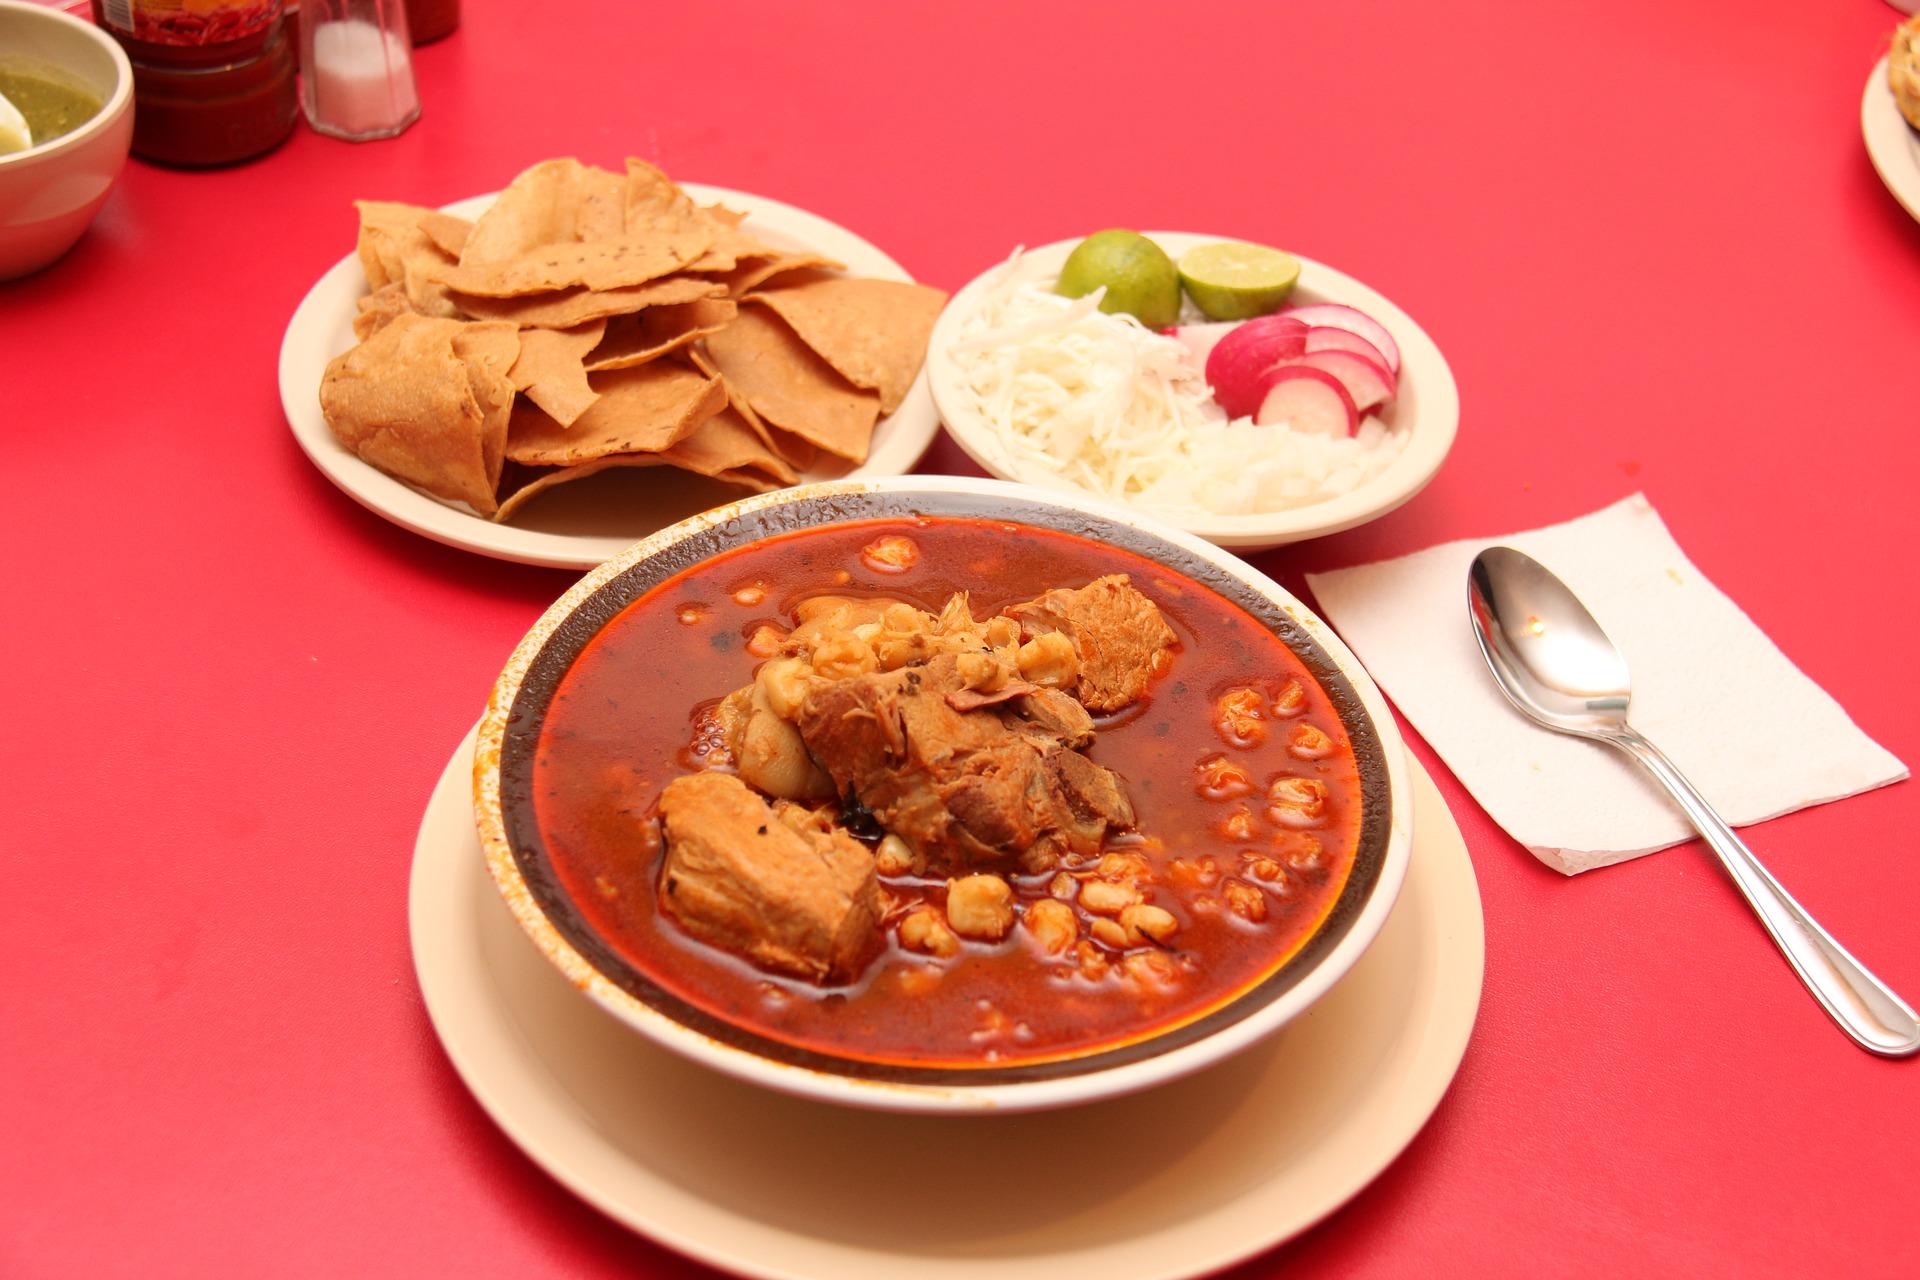 Plato de pozole rojo acompañado de tortillas fritas y condimentos